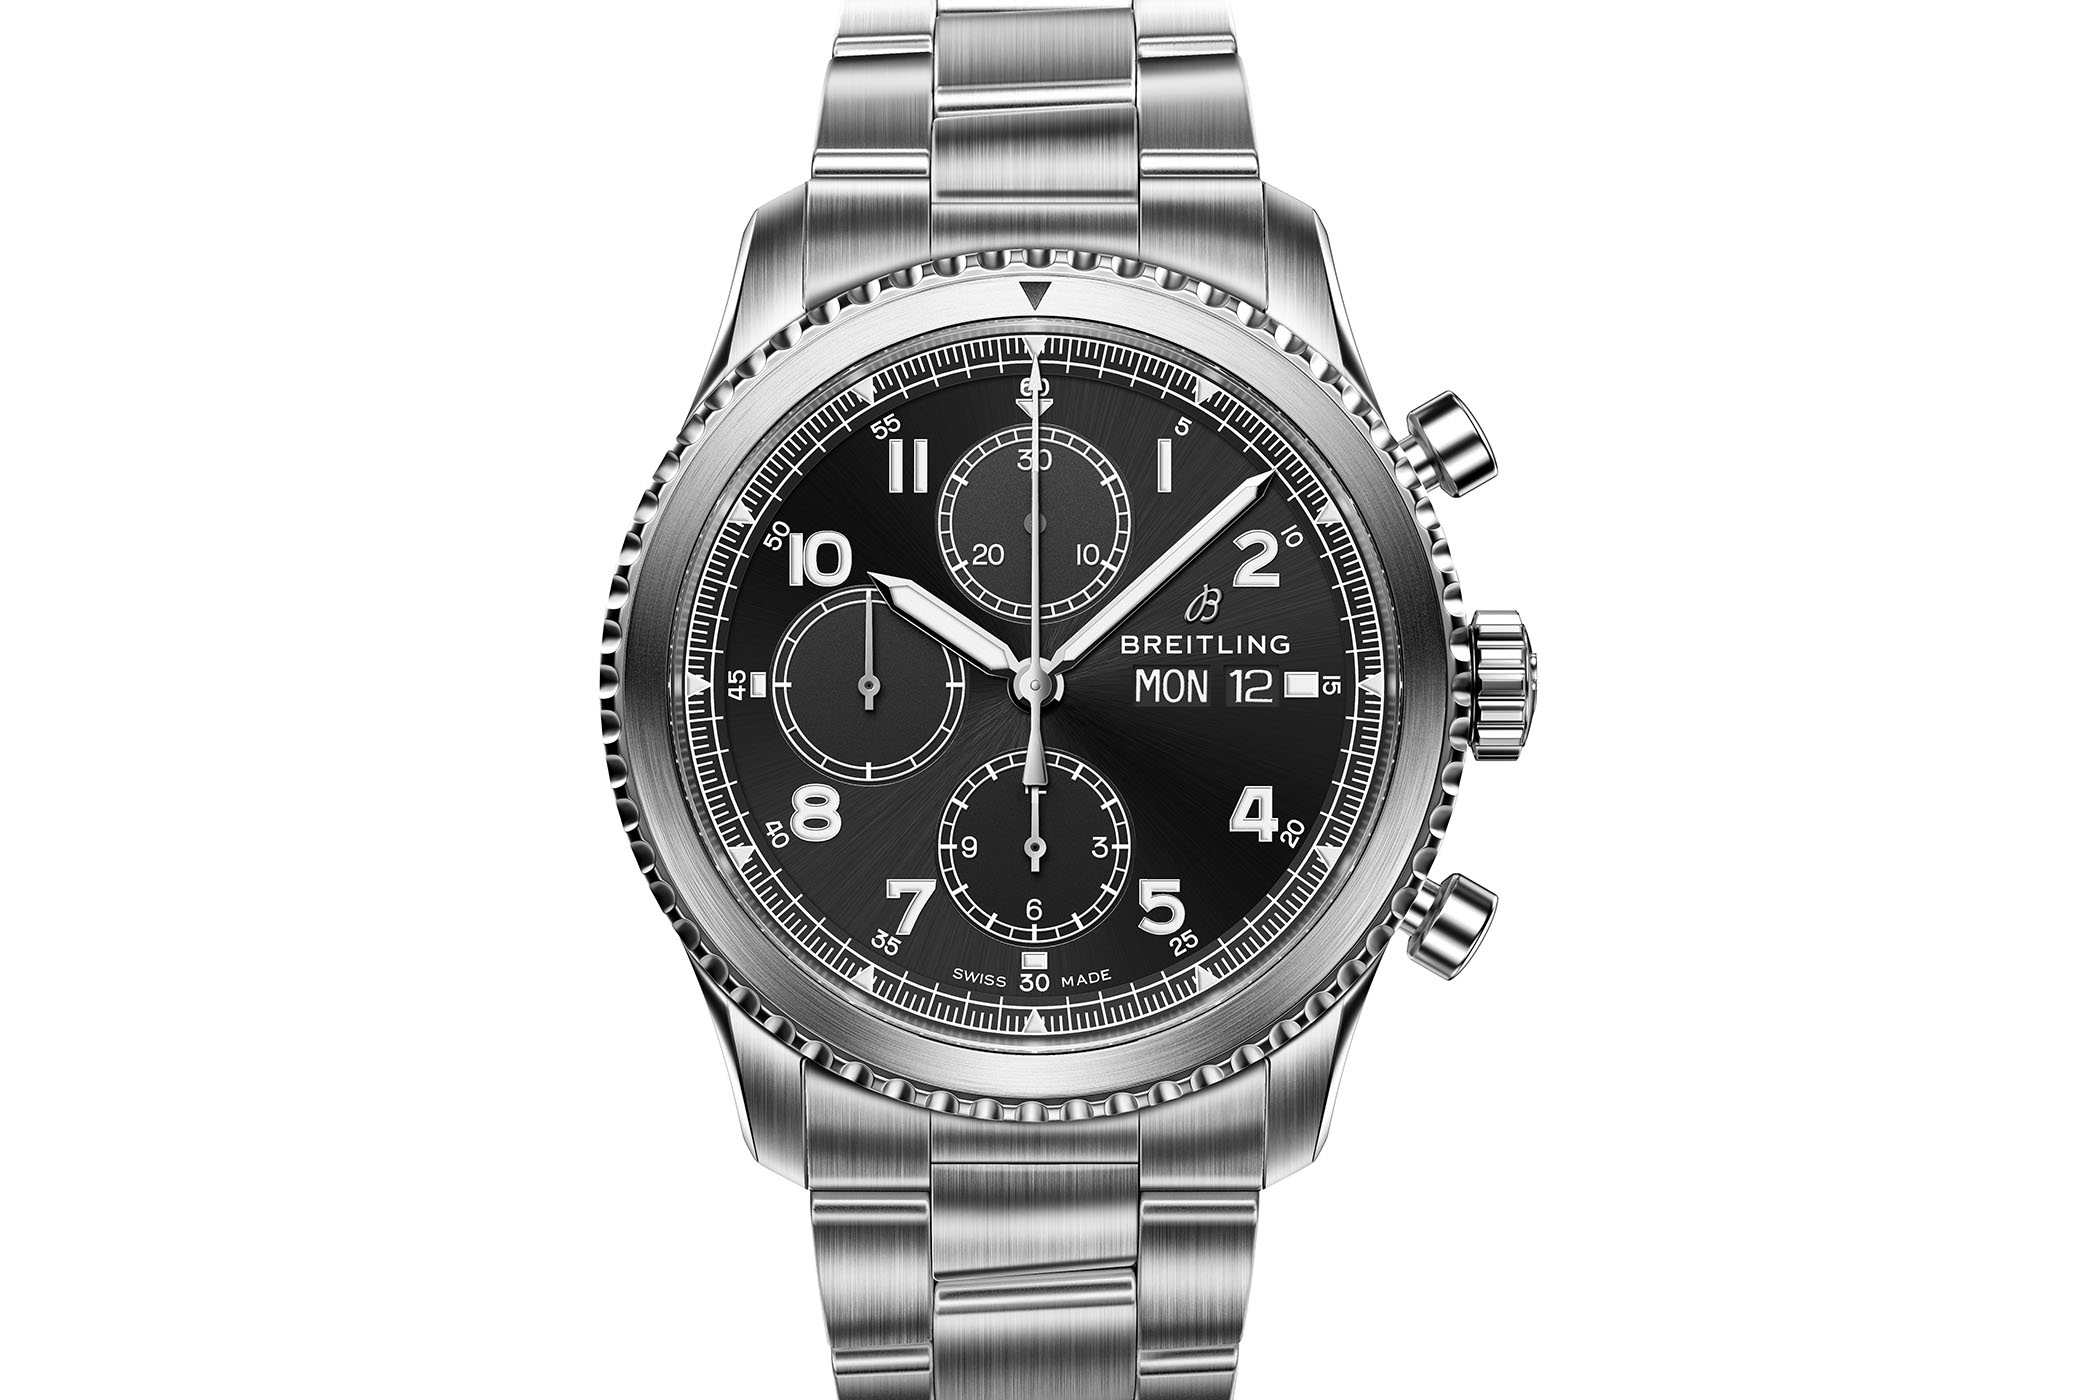 Breitling Navitimer 8 chronograph valjoux